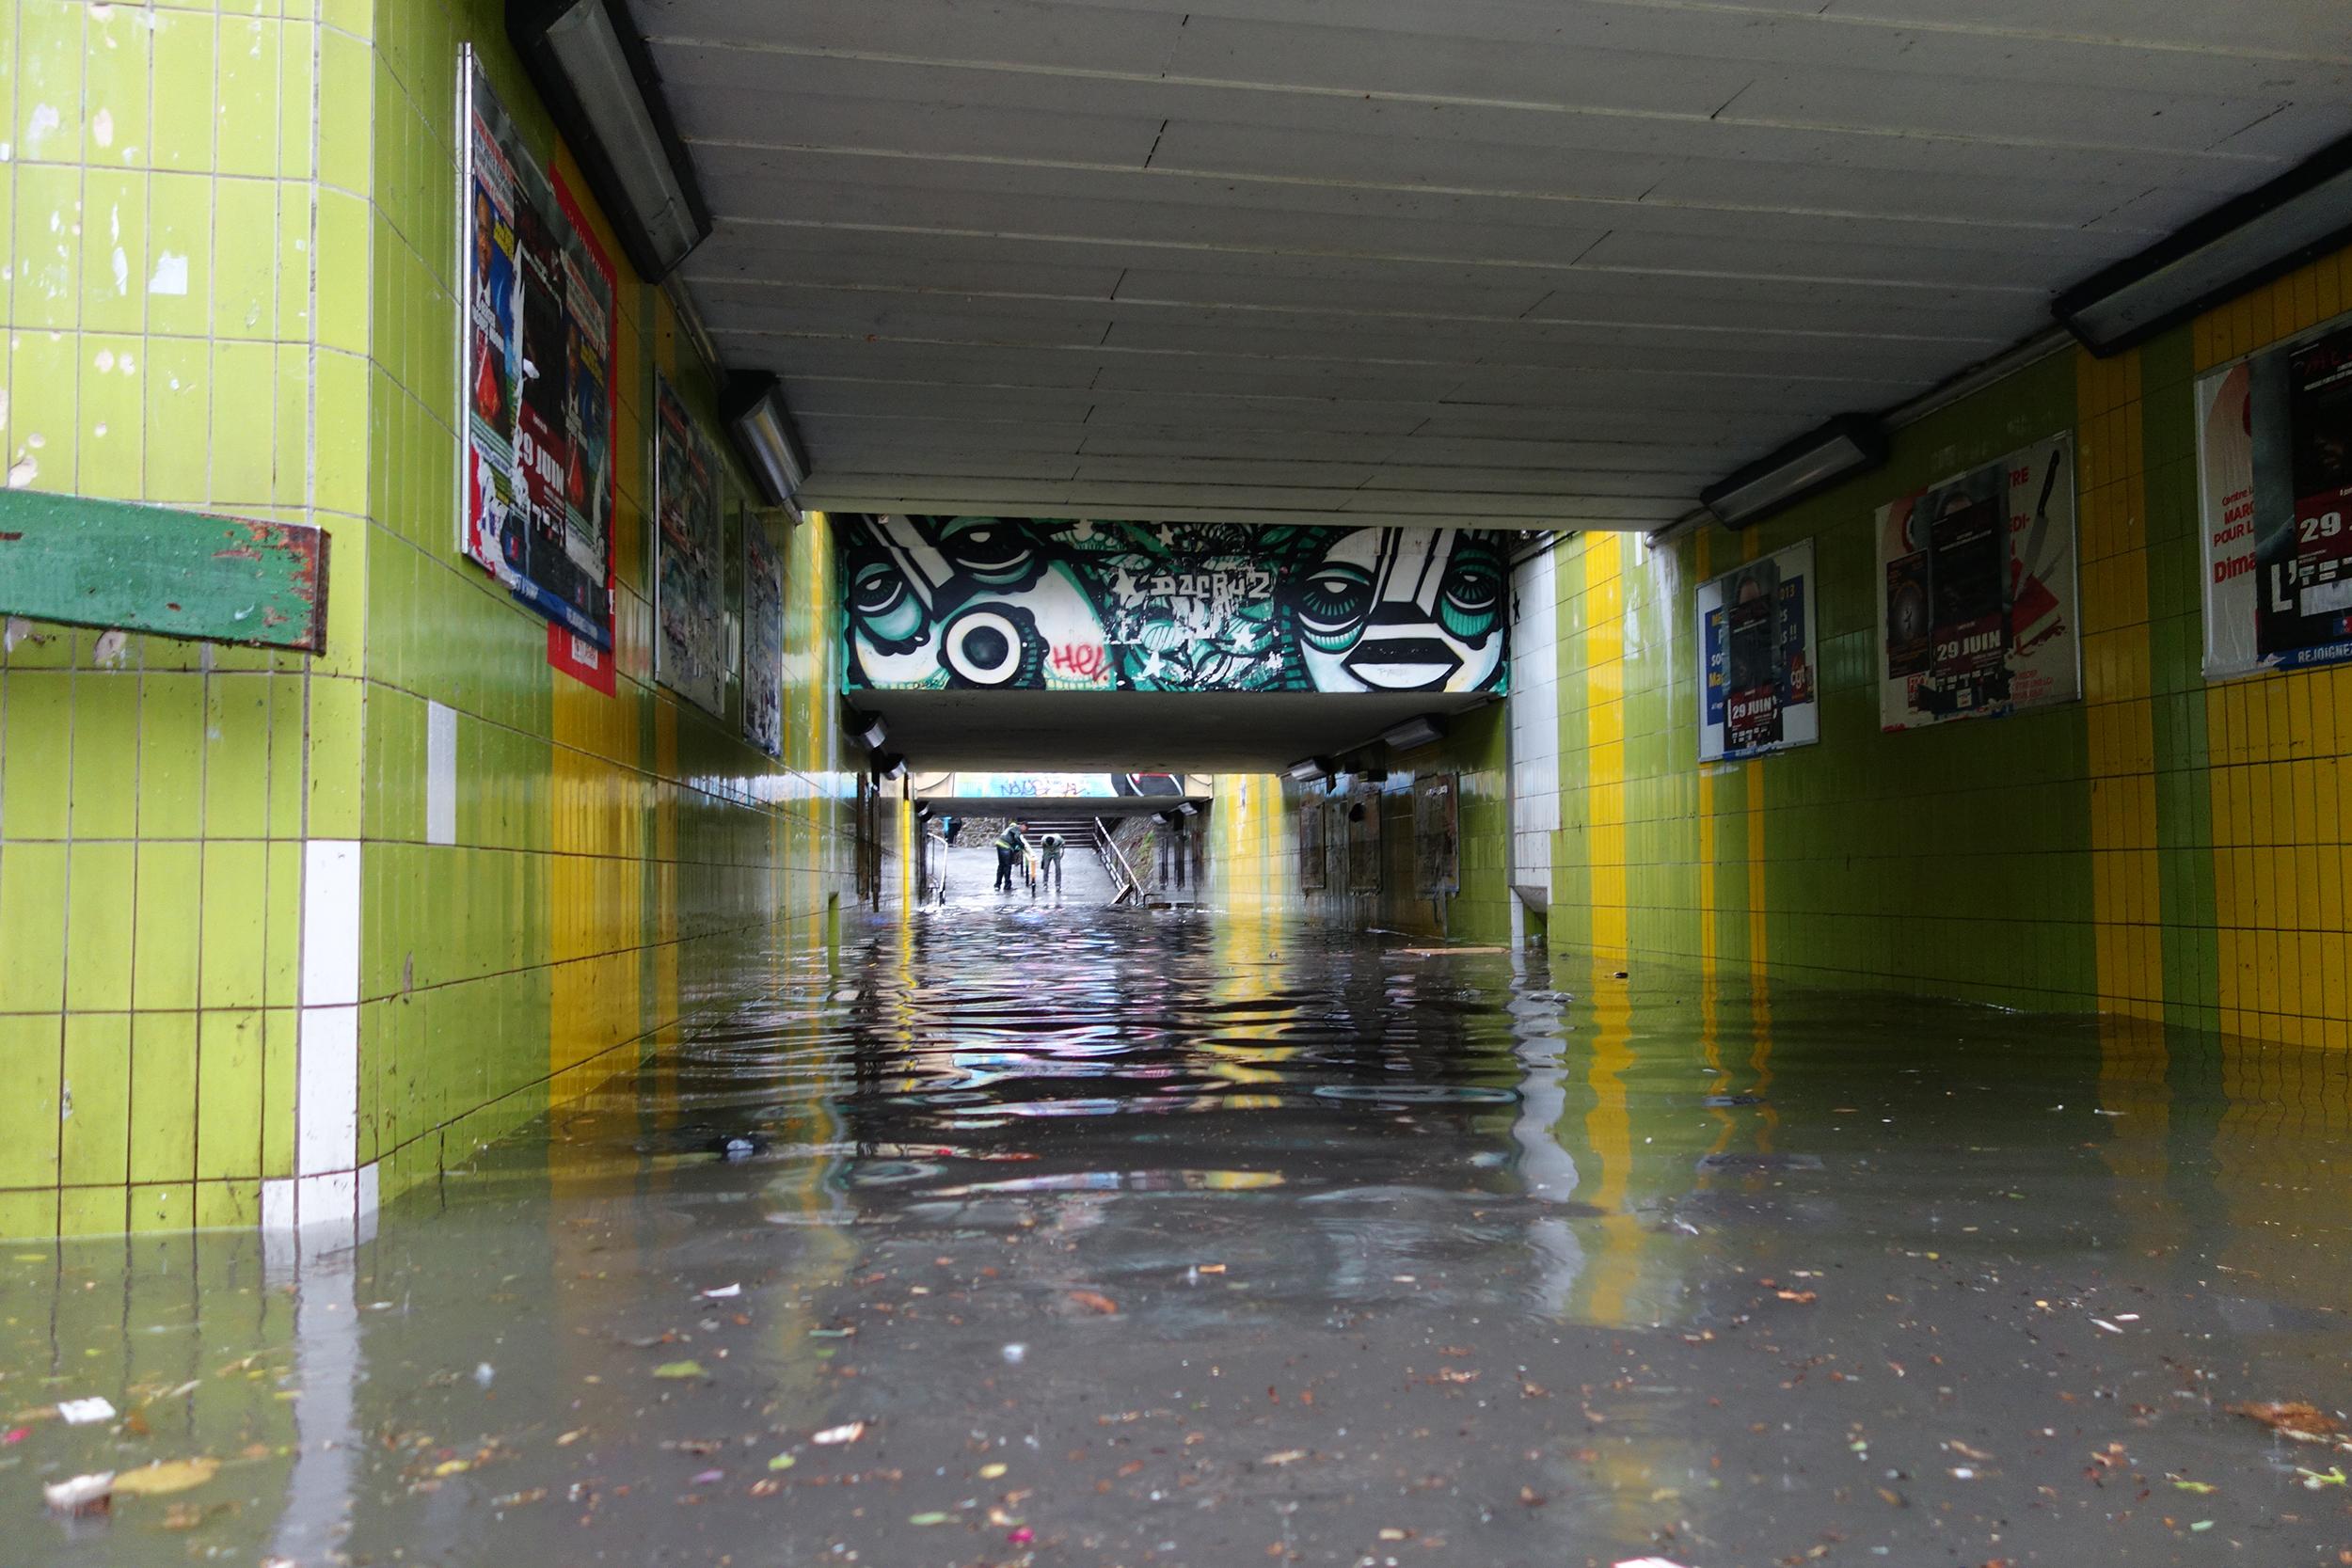 Pouréviter les inondations, la Ville modernise son réseau d u2019assainissement u2013 93600INFOS fr # Piscine Aulnay Sous Bois